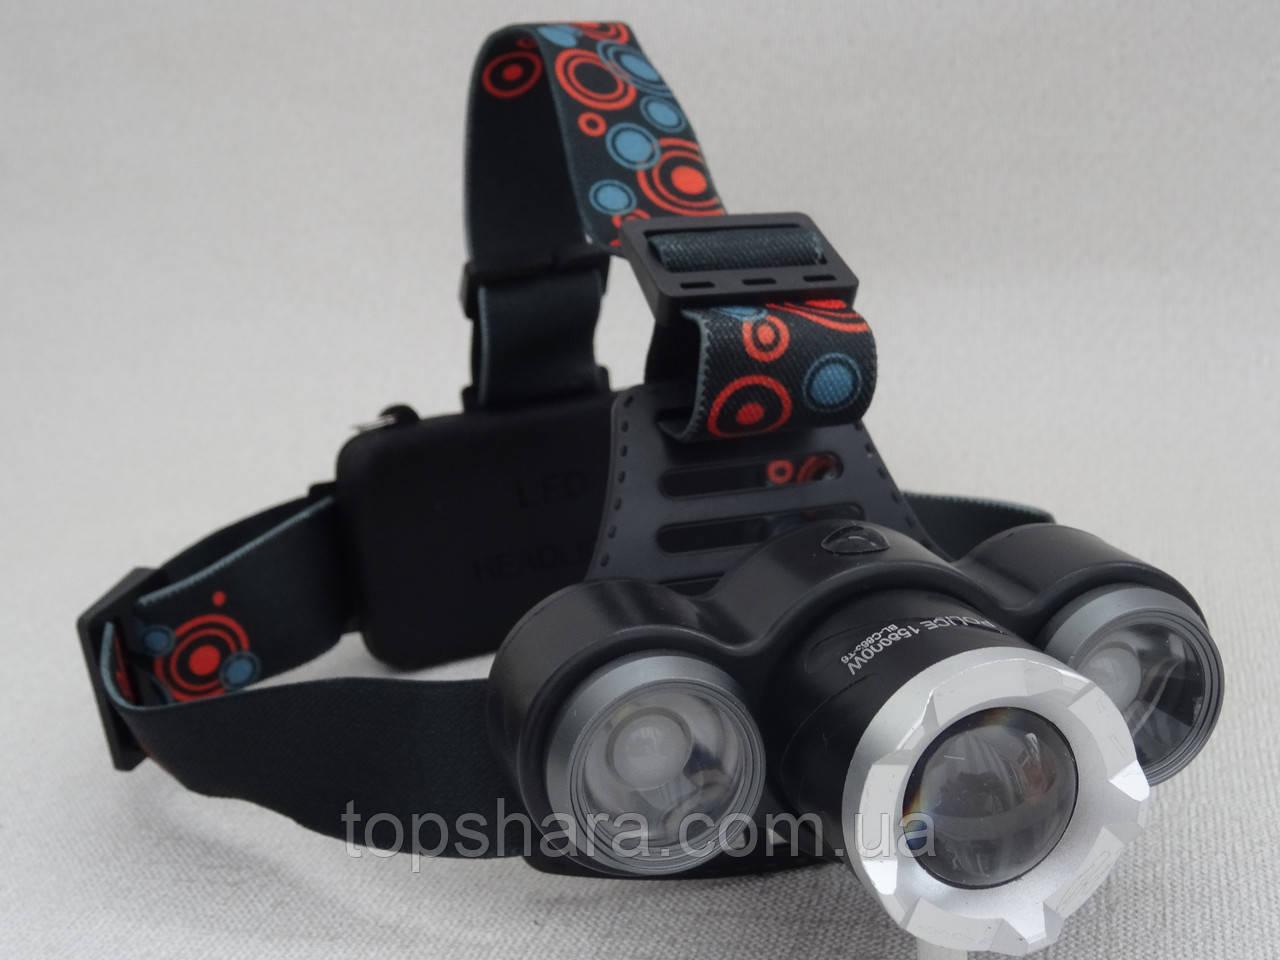 Фонарик головной Police BL-C863-T6 158000W черный